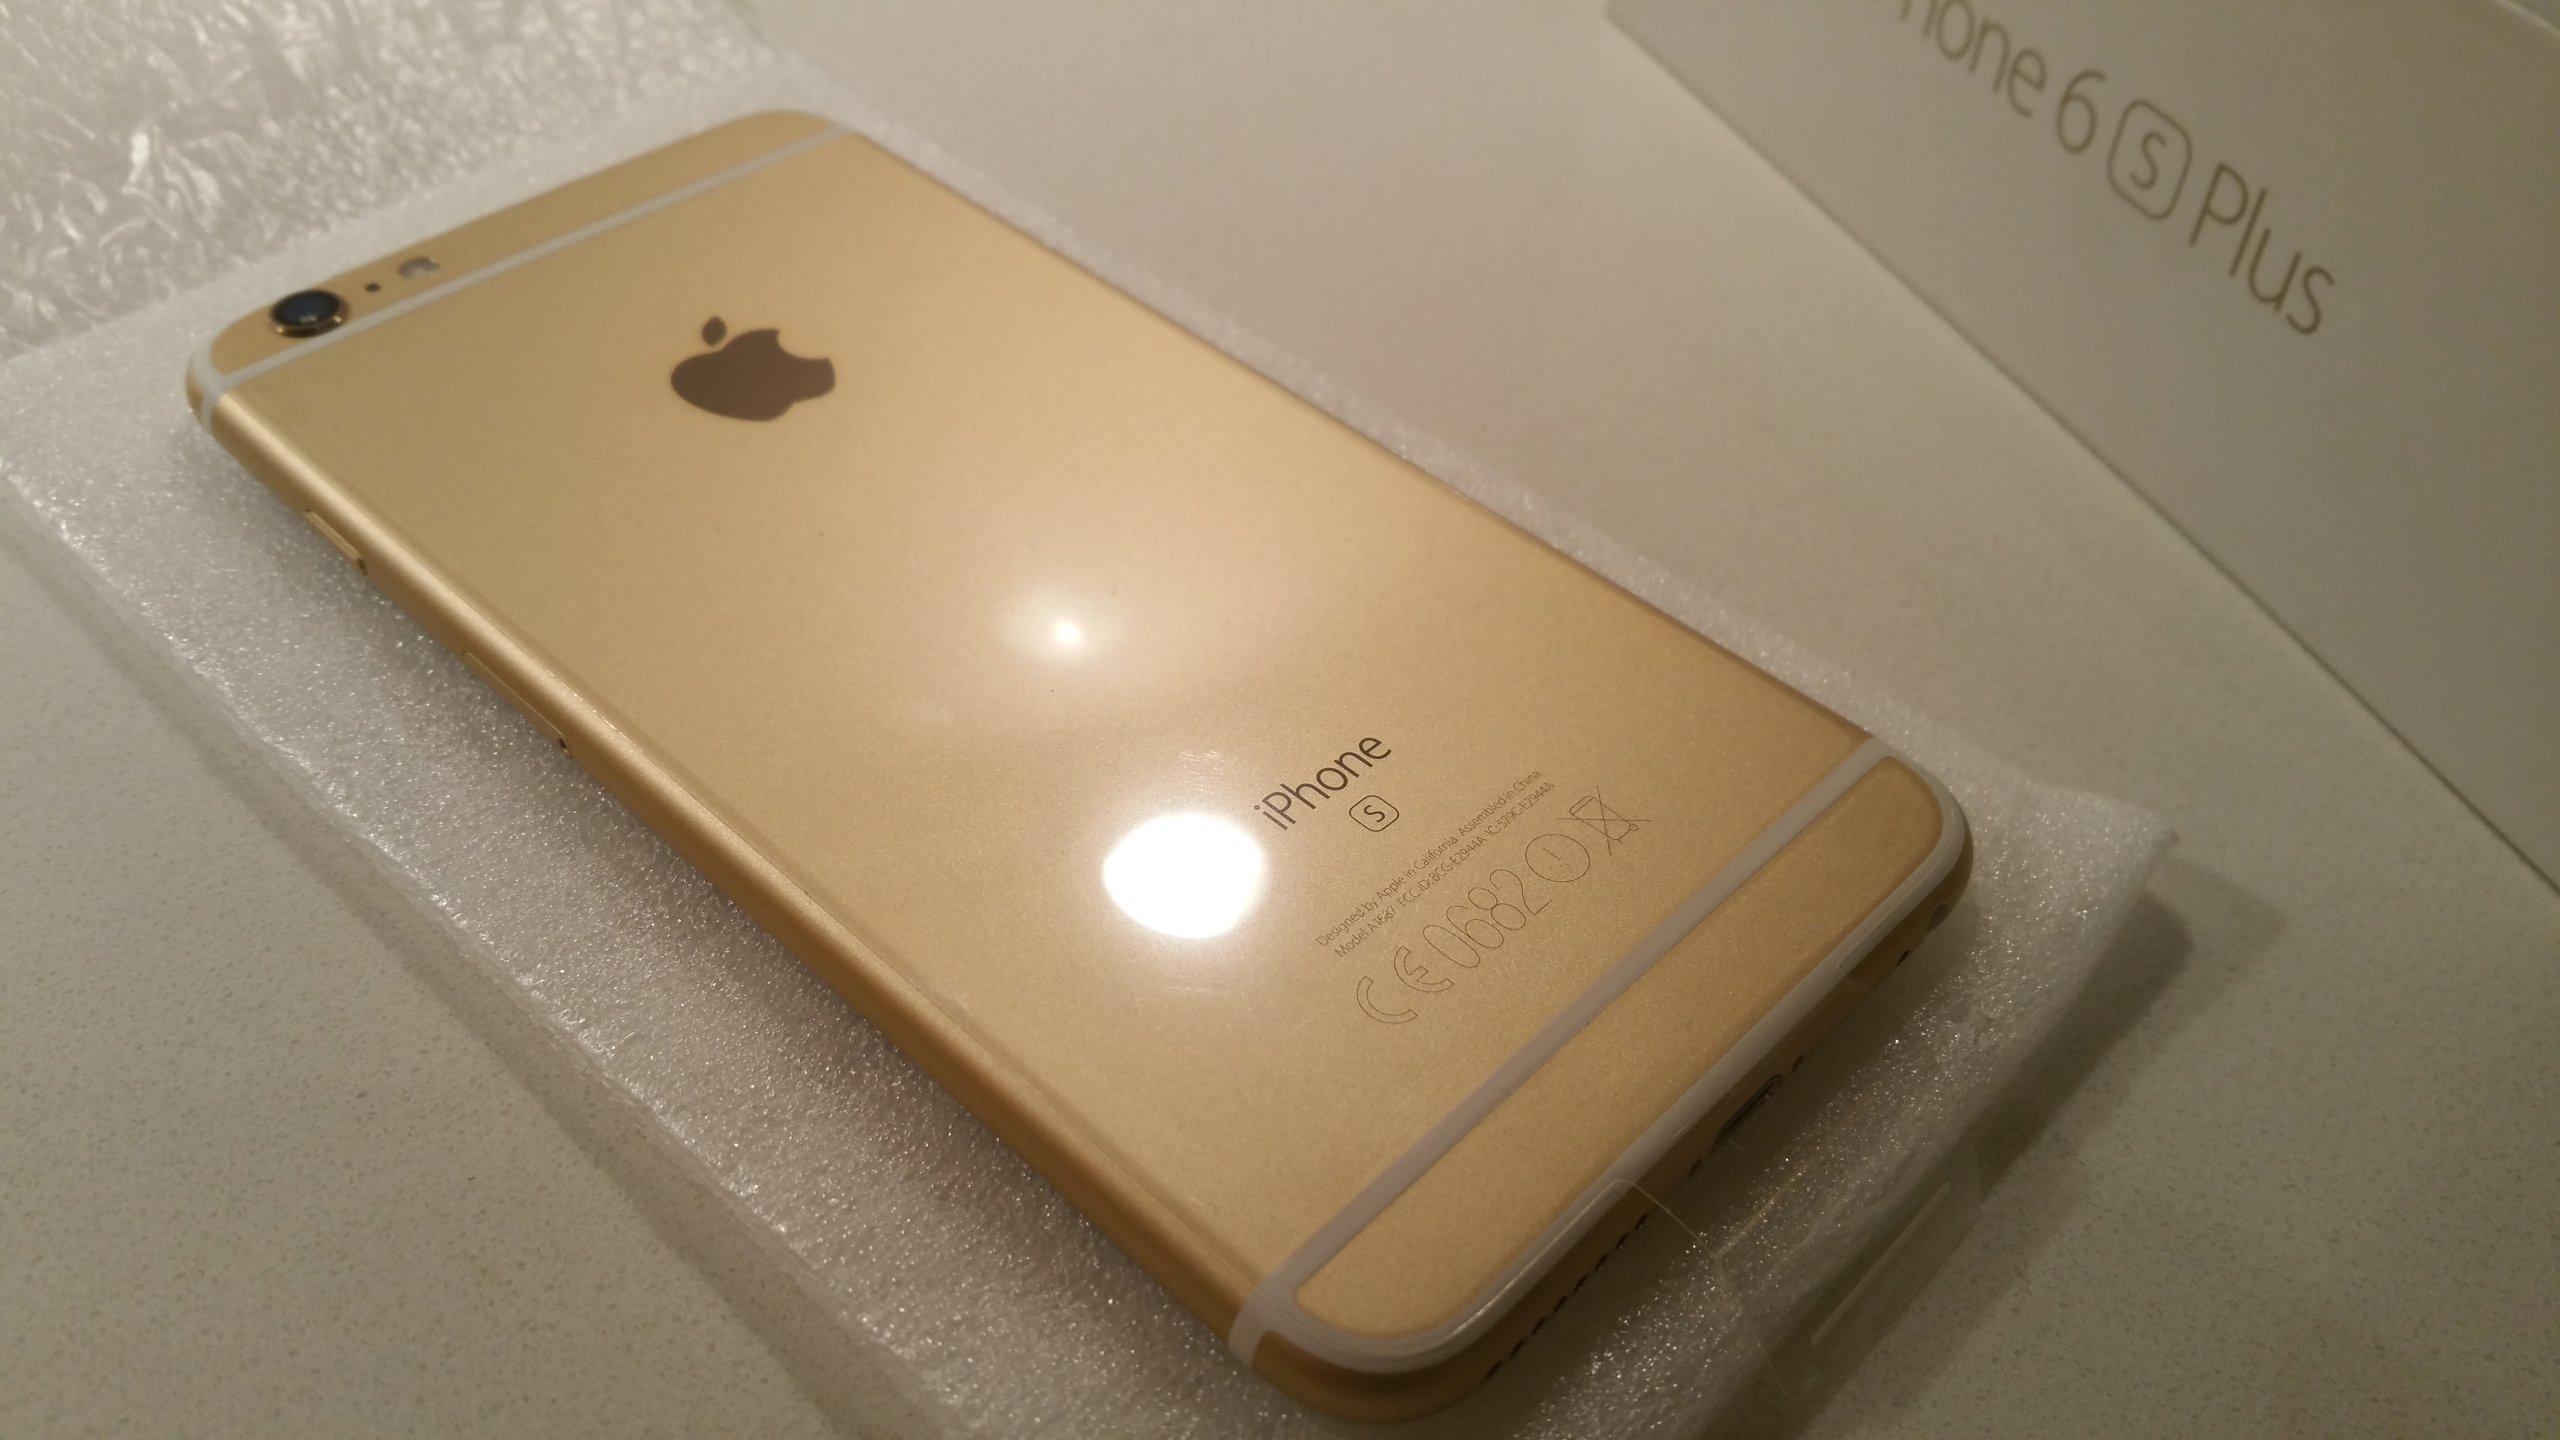 Apple Iphone 6s Plus 32 Gb Nowy Zafoliowany 7066920342 Oficjalne Archiwum Allegro